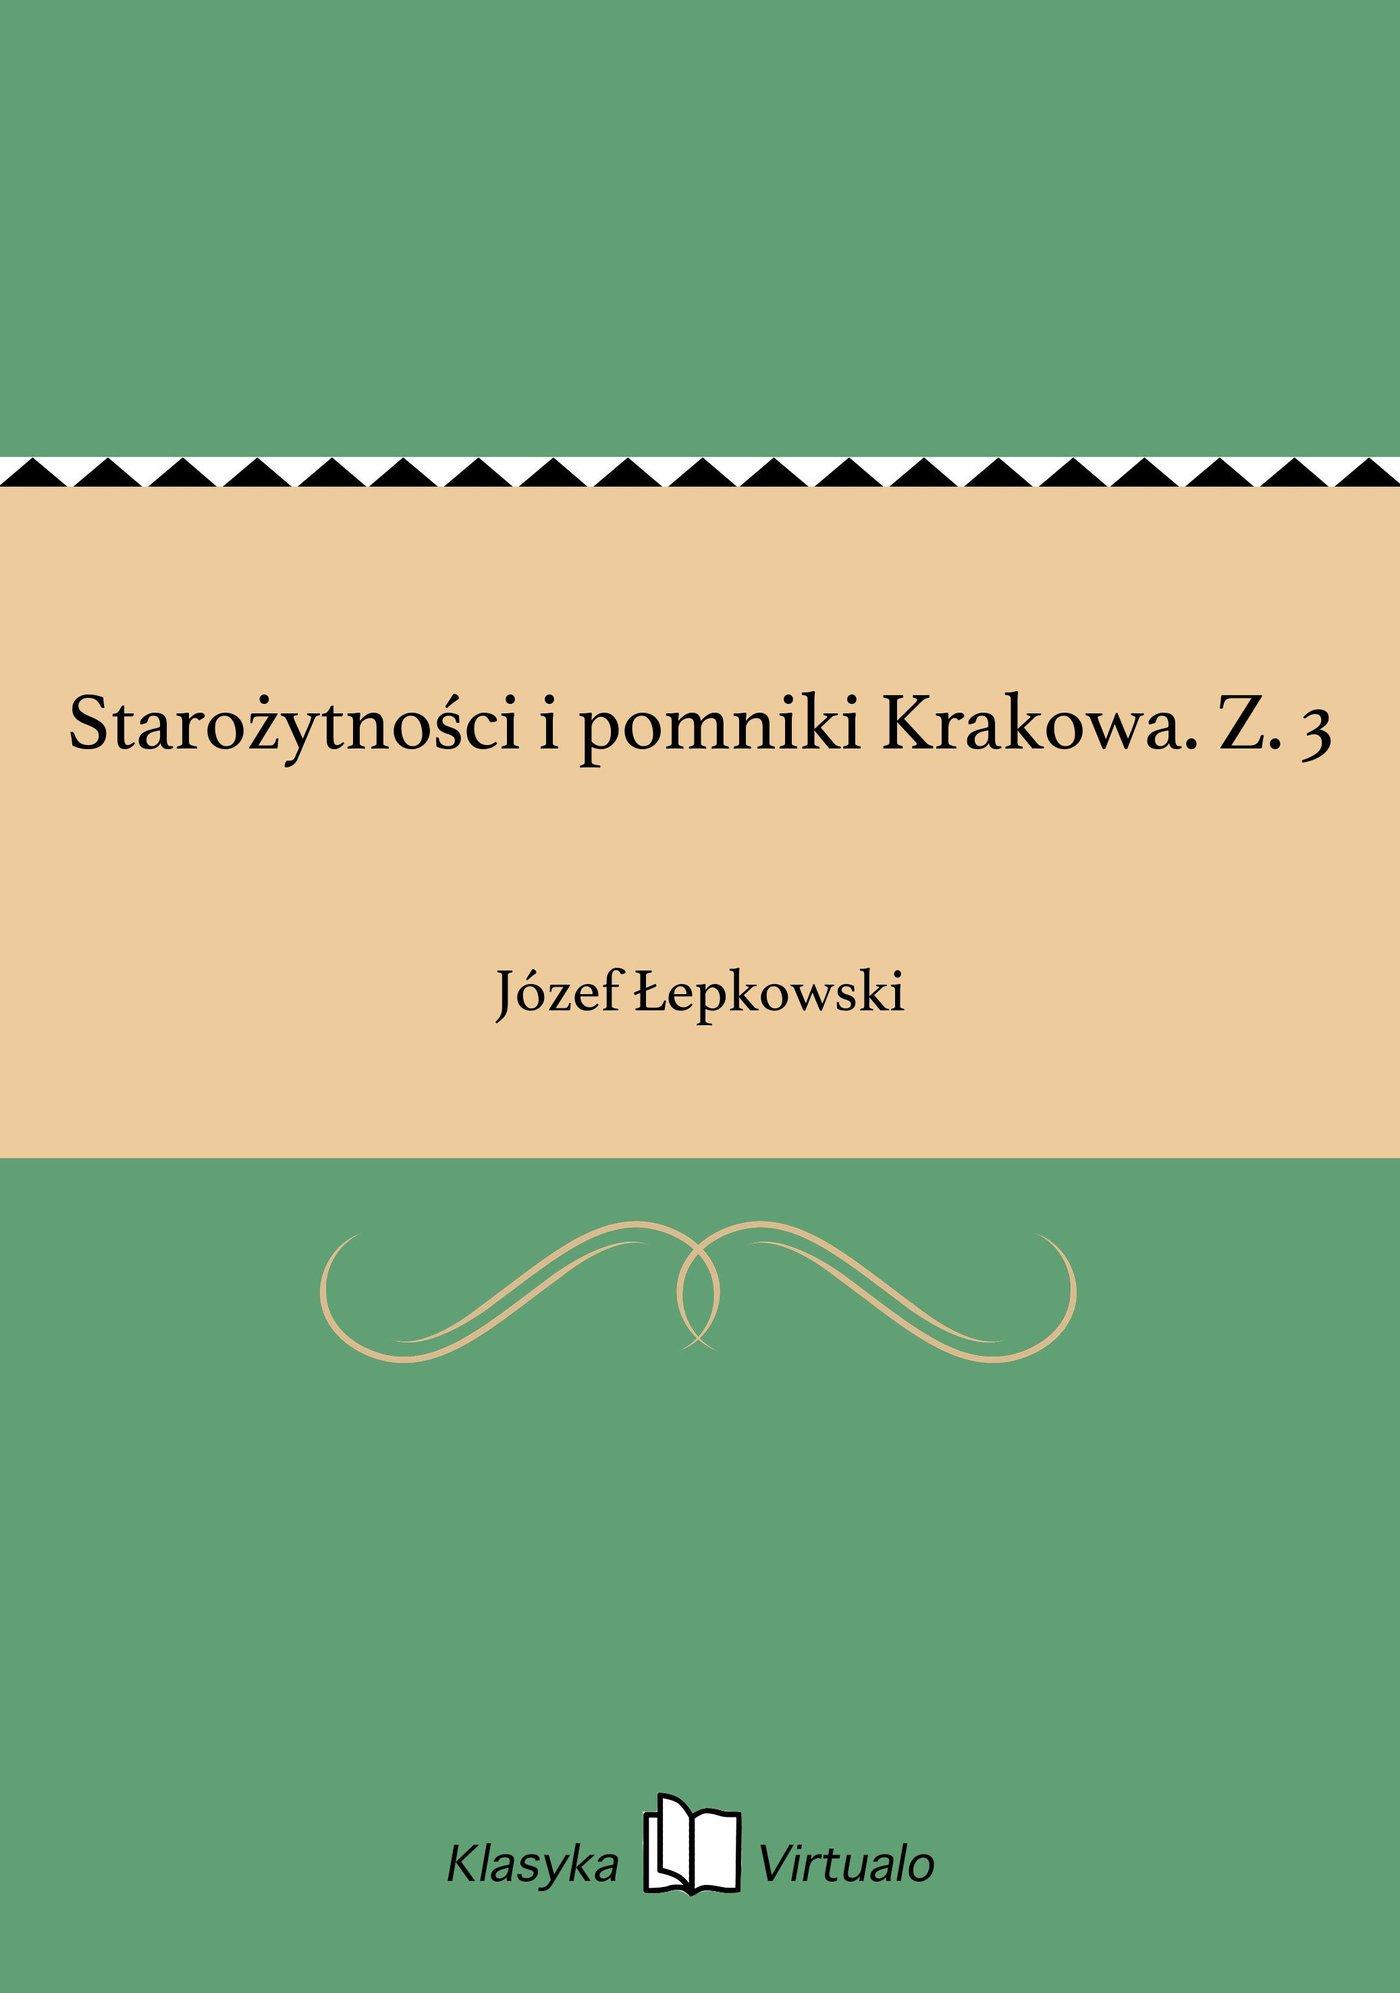 Starożytności i pomniki Krakowa. Z. 3 - Ebook (Książka na Kindle) do pobrania w formacie MOBI